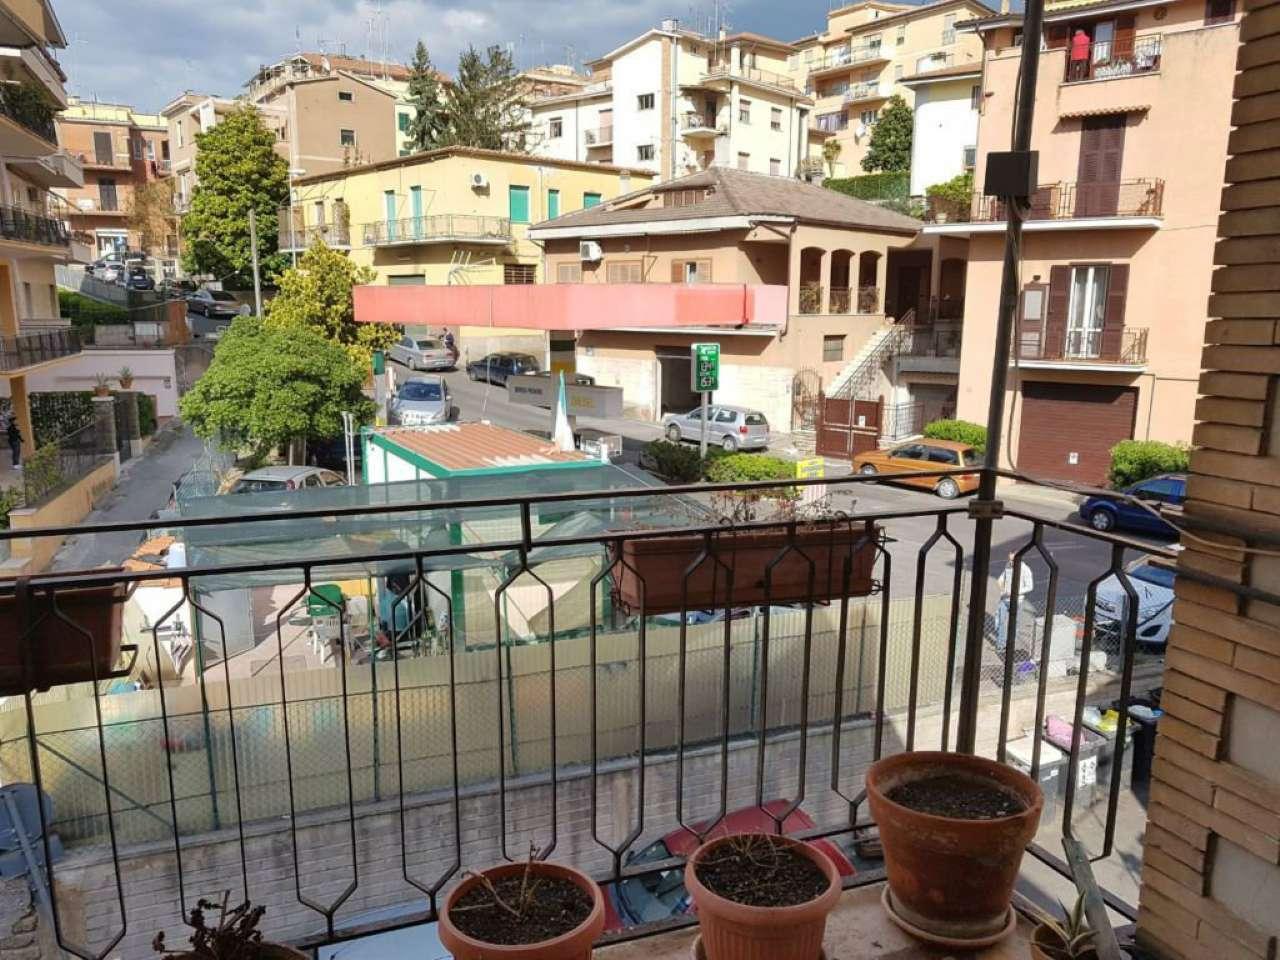 Appartamento Tre Camere San Marino - Elenchi E Prezzi Di Vendita - Waa2